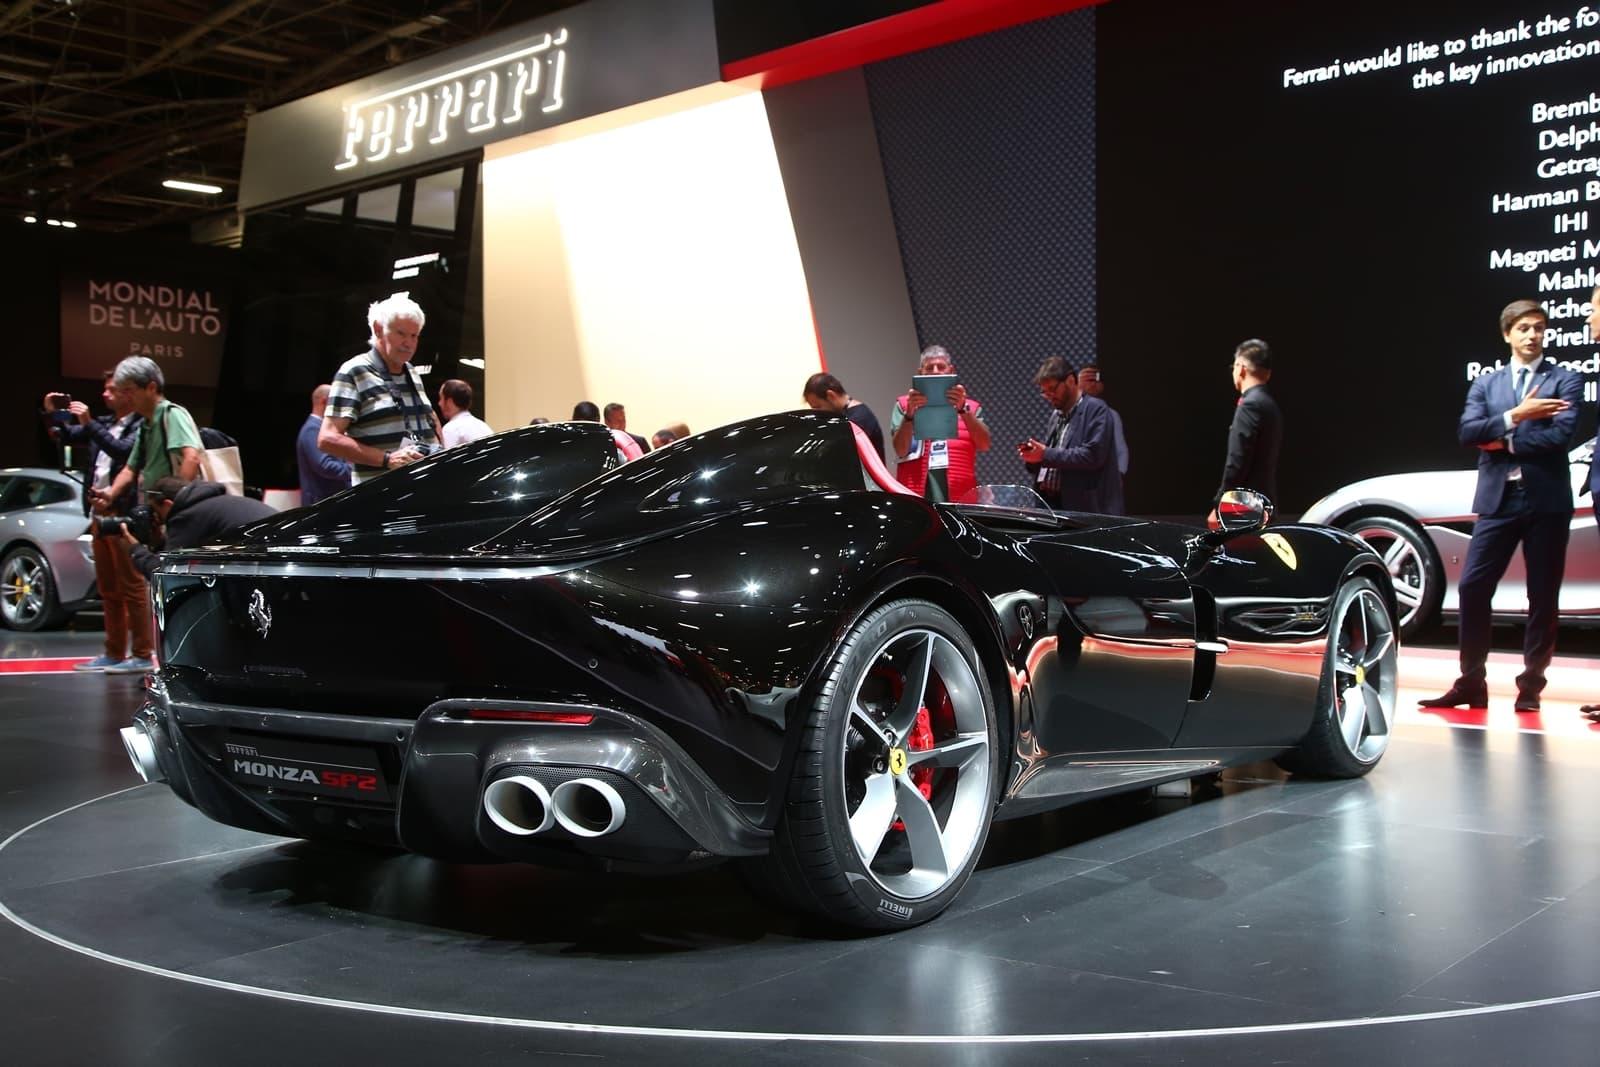 Ferrari Monza Sp1 Sp2 Paris 1018 011